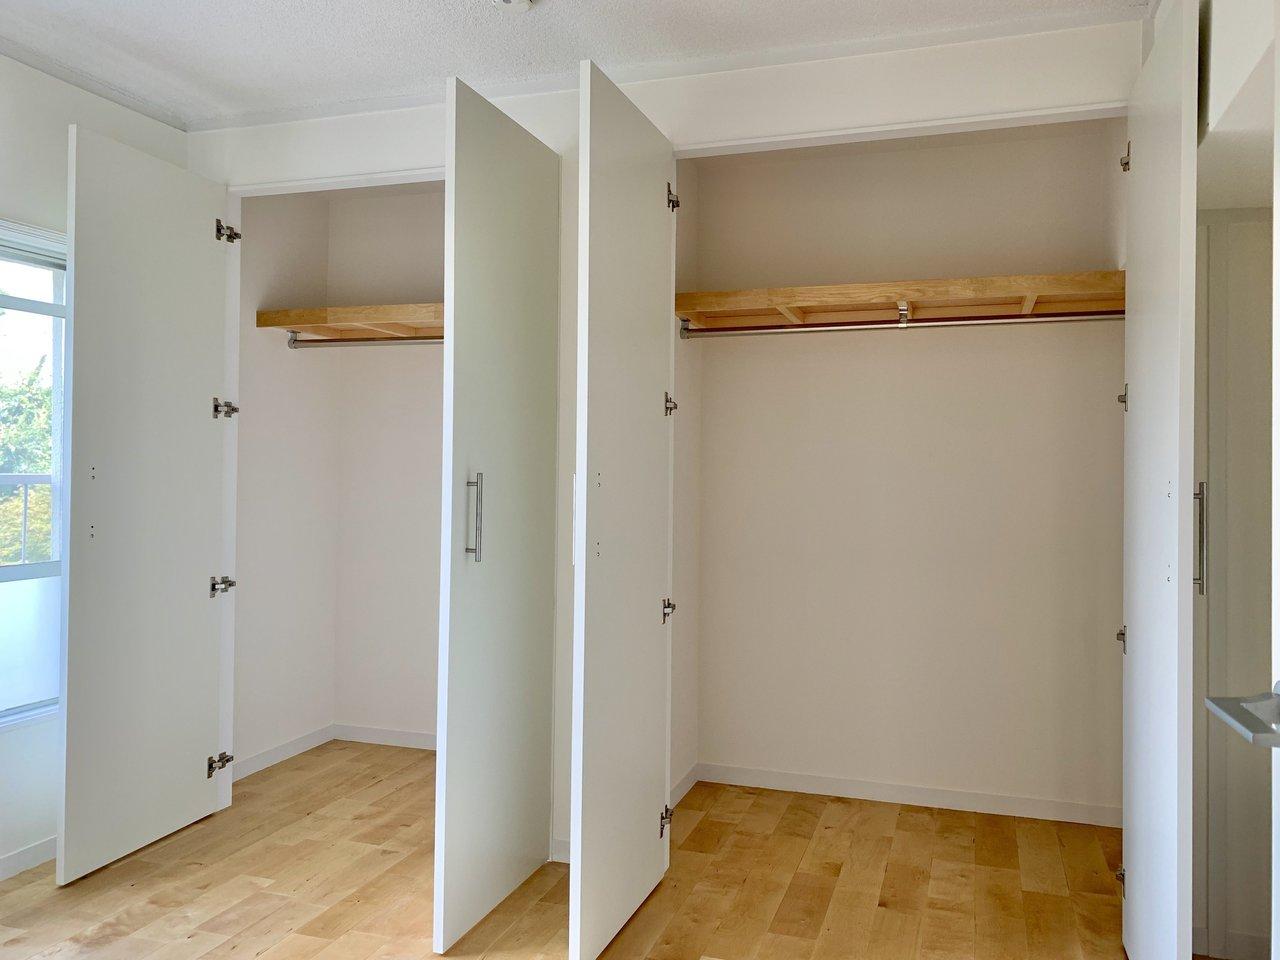 5畳の洋室には、大きなクローゼットが2つ。2LDKなので、どちらか一方の部屋を寝室に、もう一つはワークスペースに、なんて使い方も贅沢だけど良さそう。